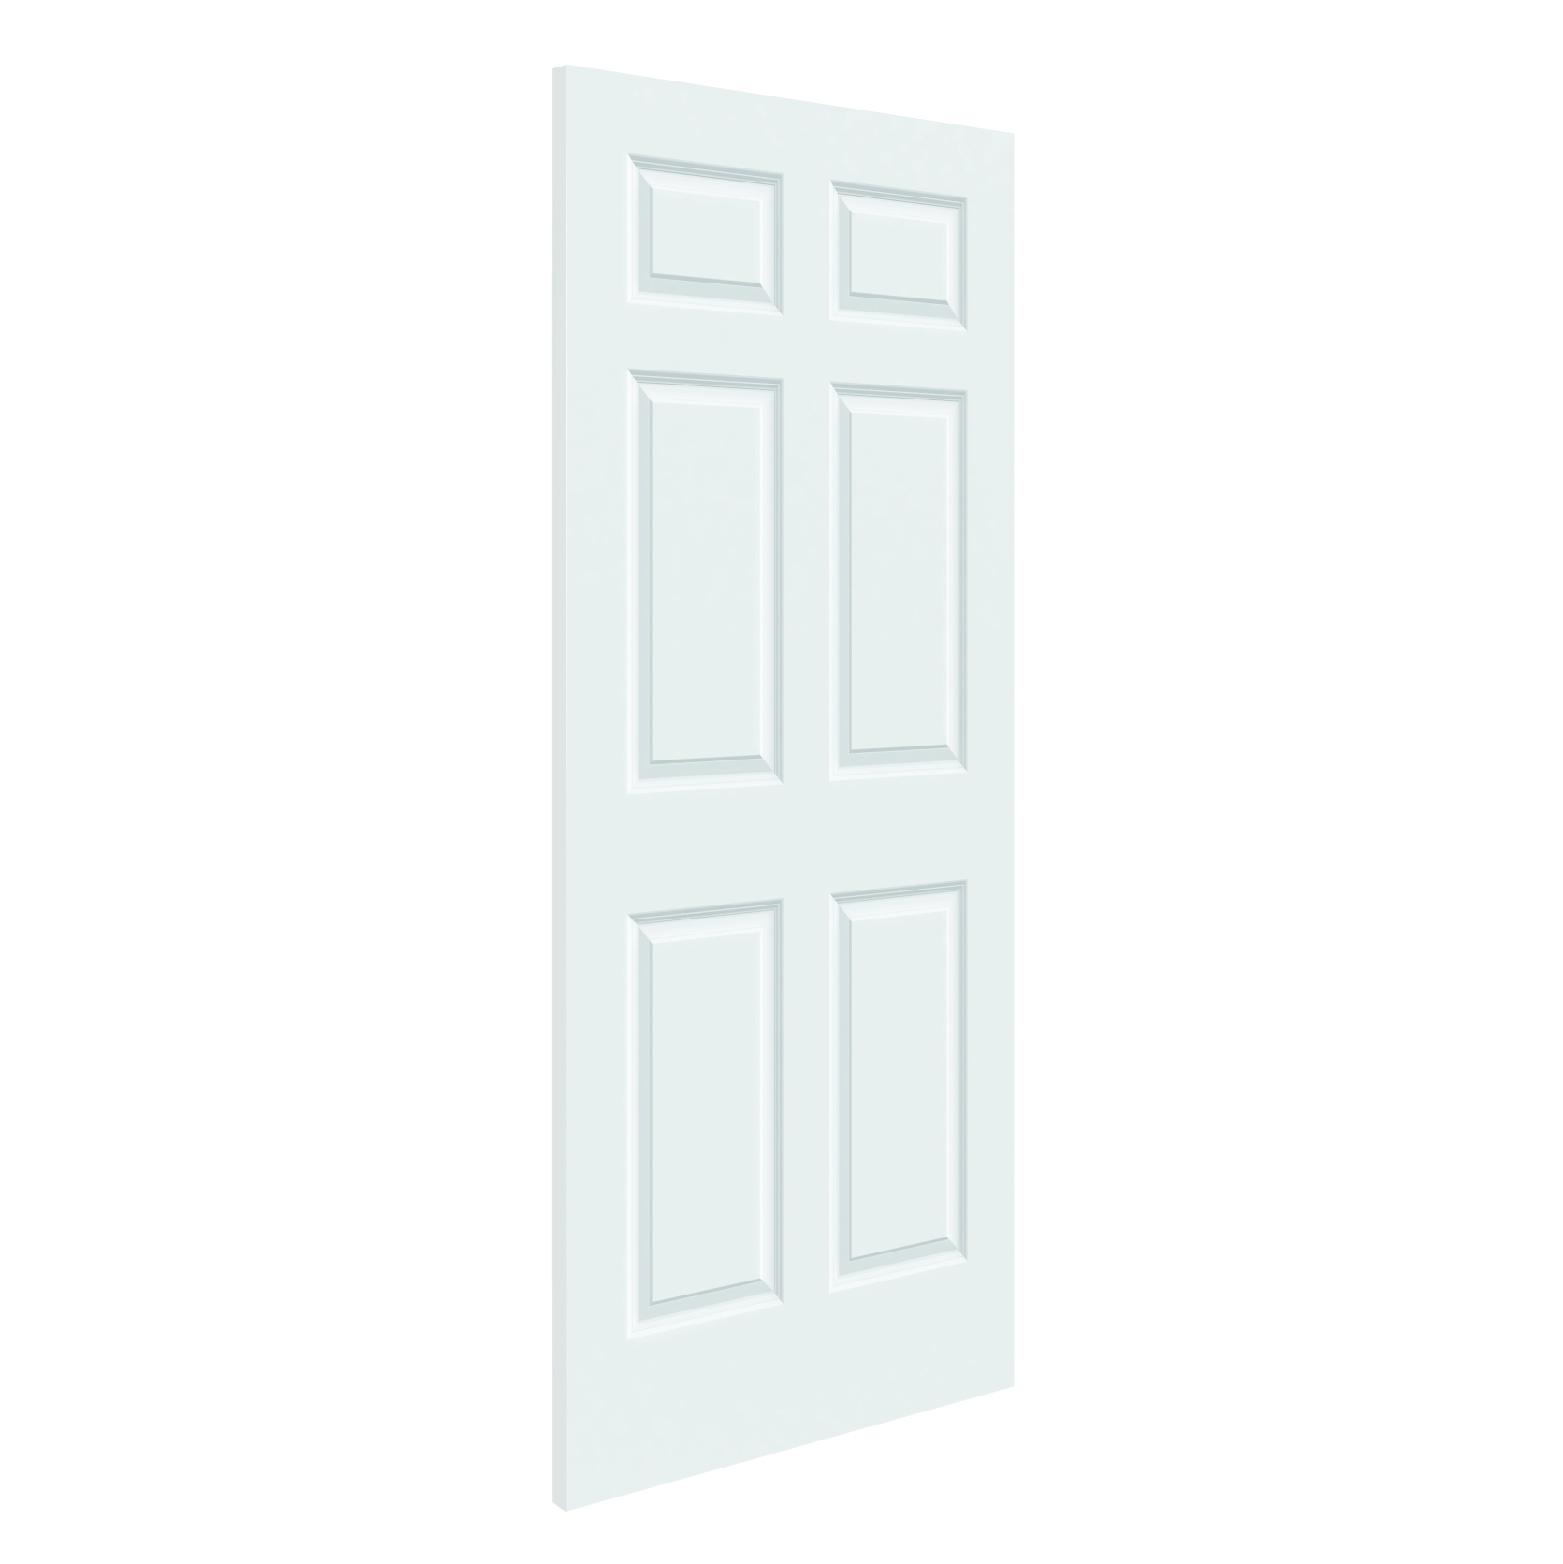 Hollow core colonist 6 panel slab door 32 x 80 schillings for 6 panel oak interior door slab